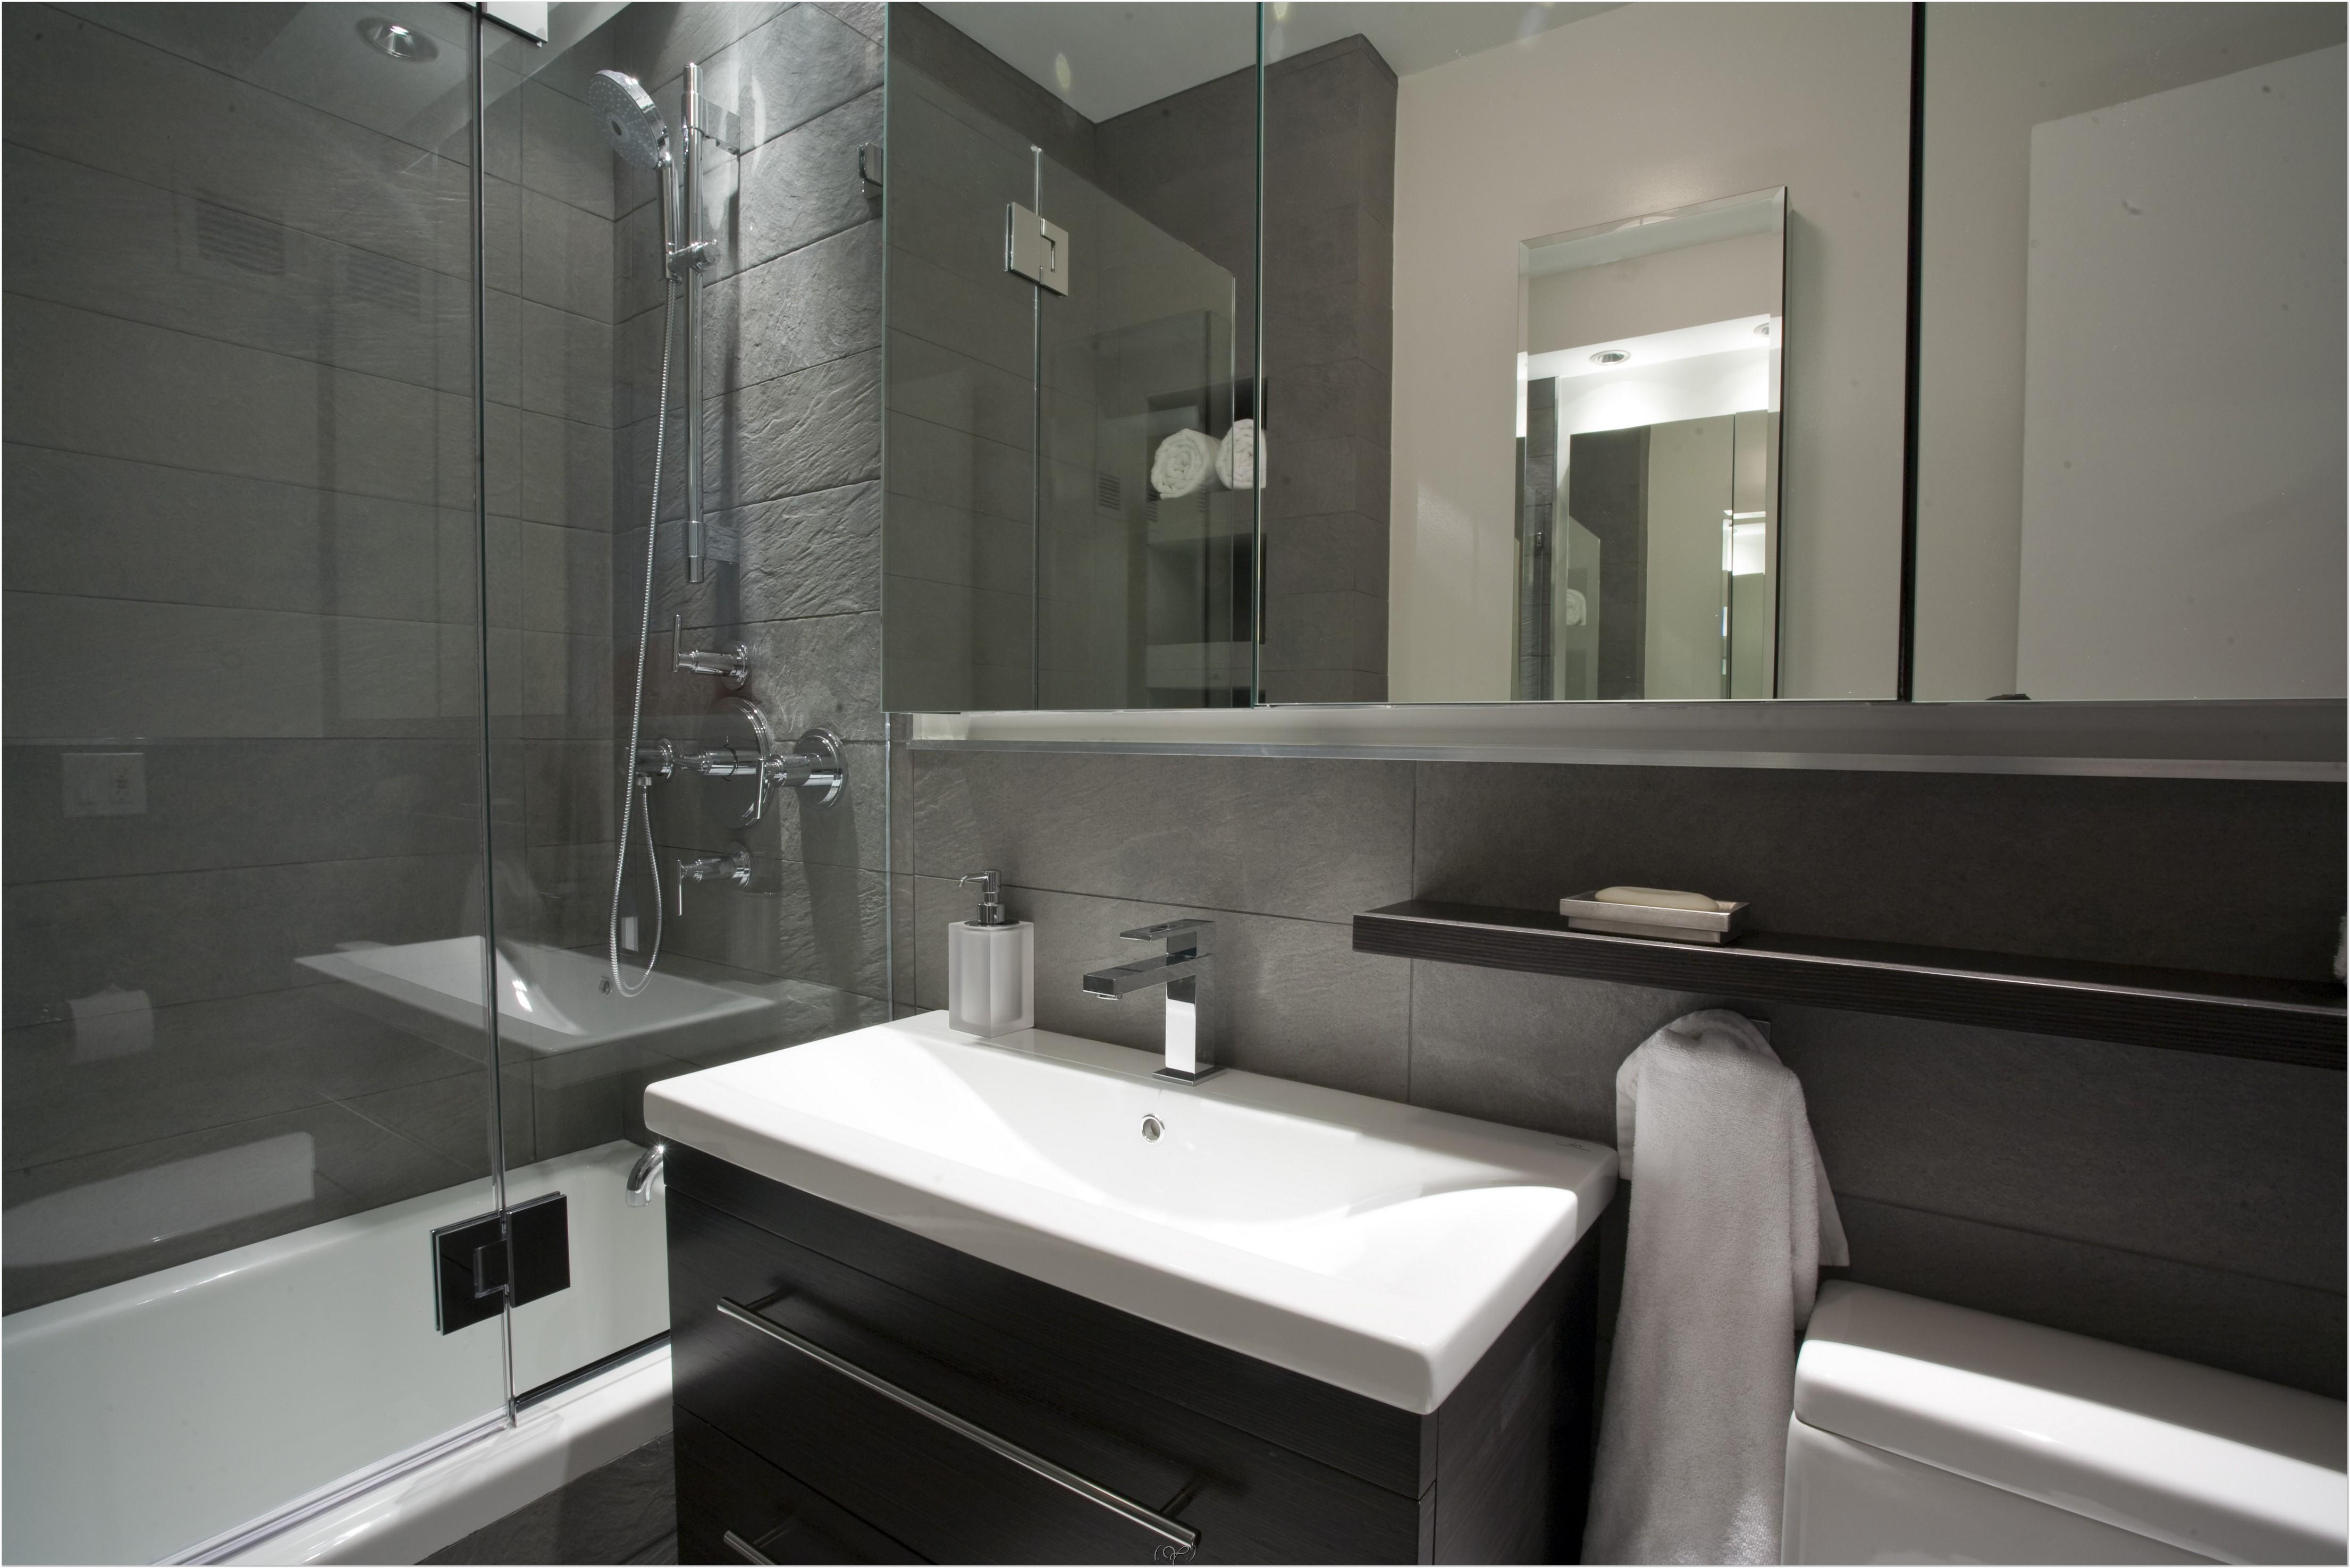 Design bilik air kecil dengan hiasan dalaman menarik